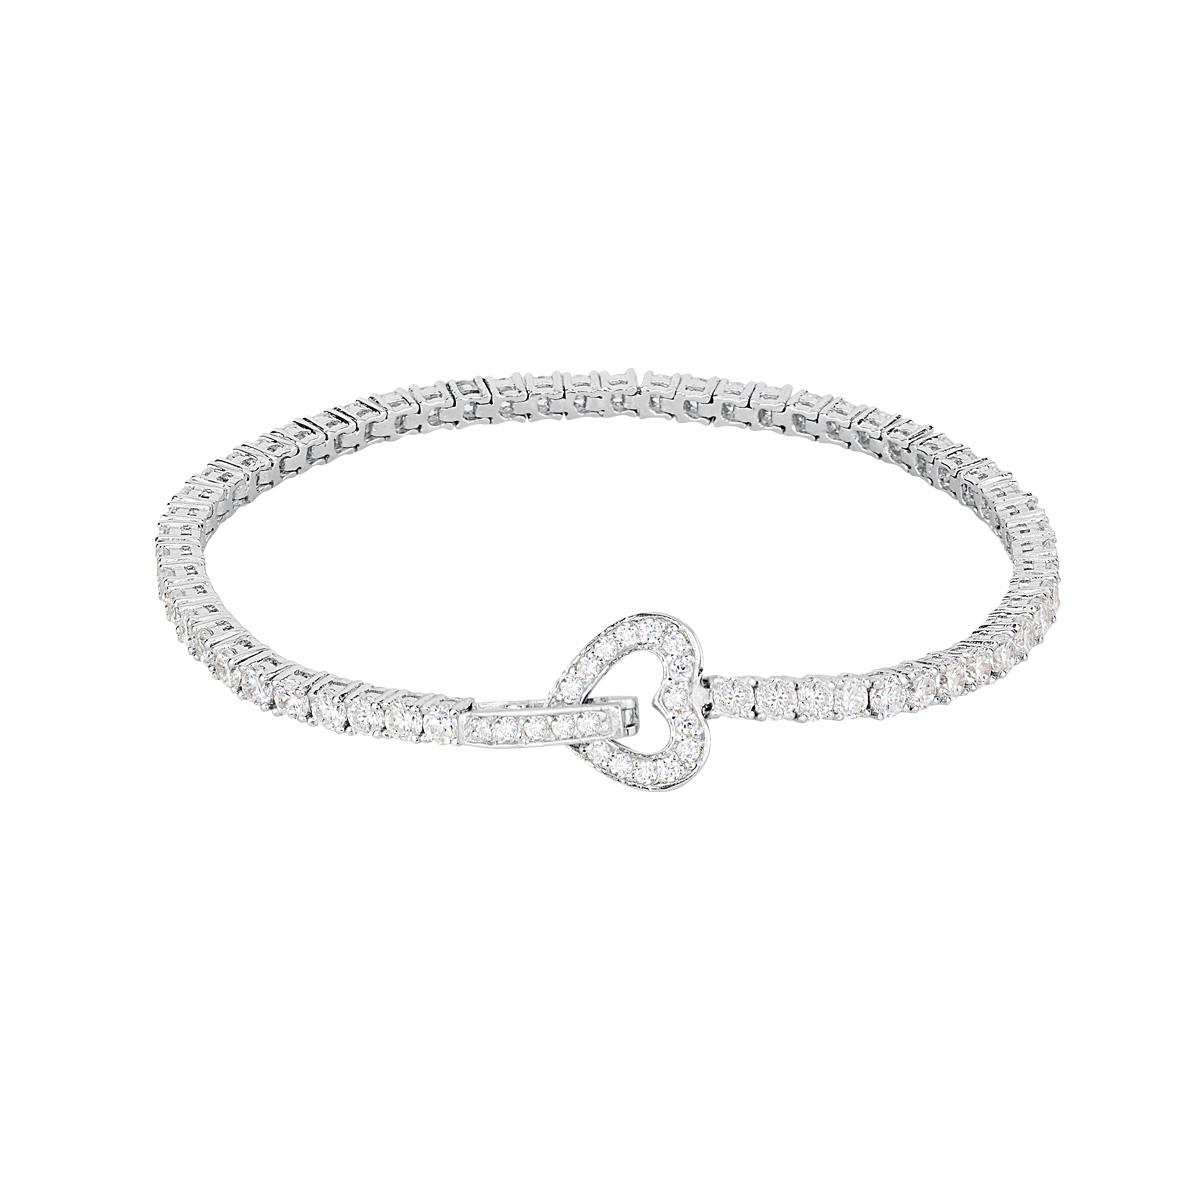 Bracciale tennis cuore in argento con zirconi